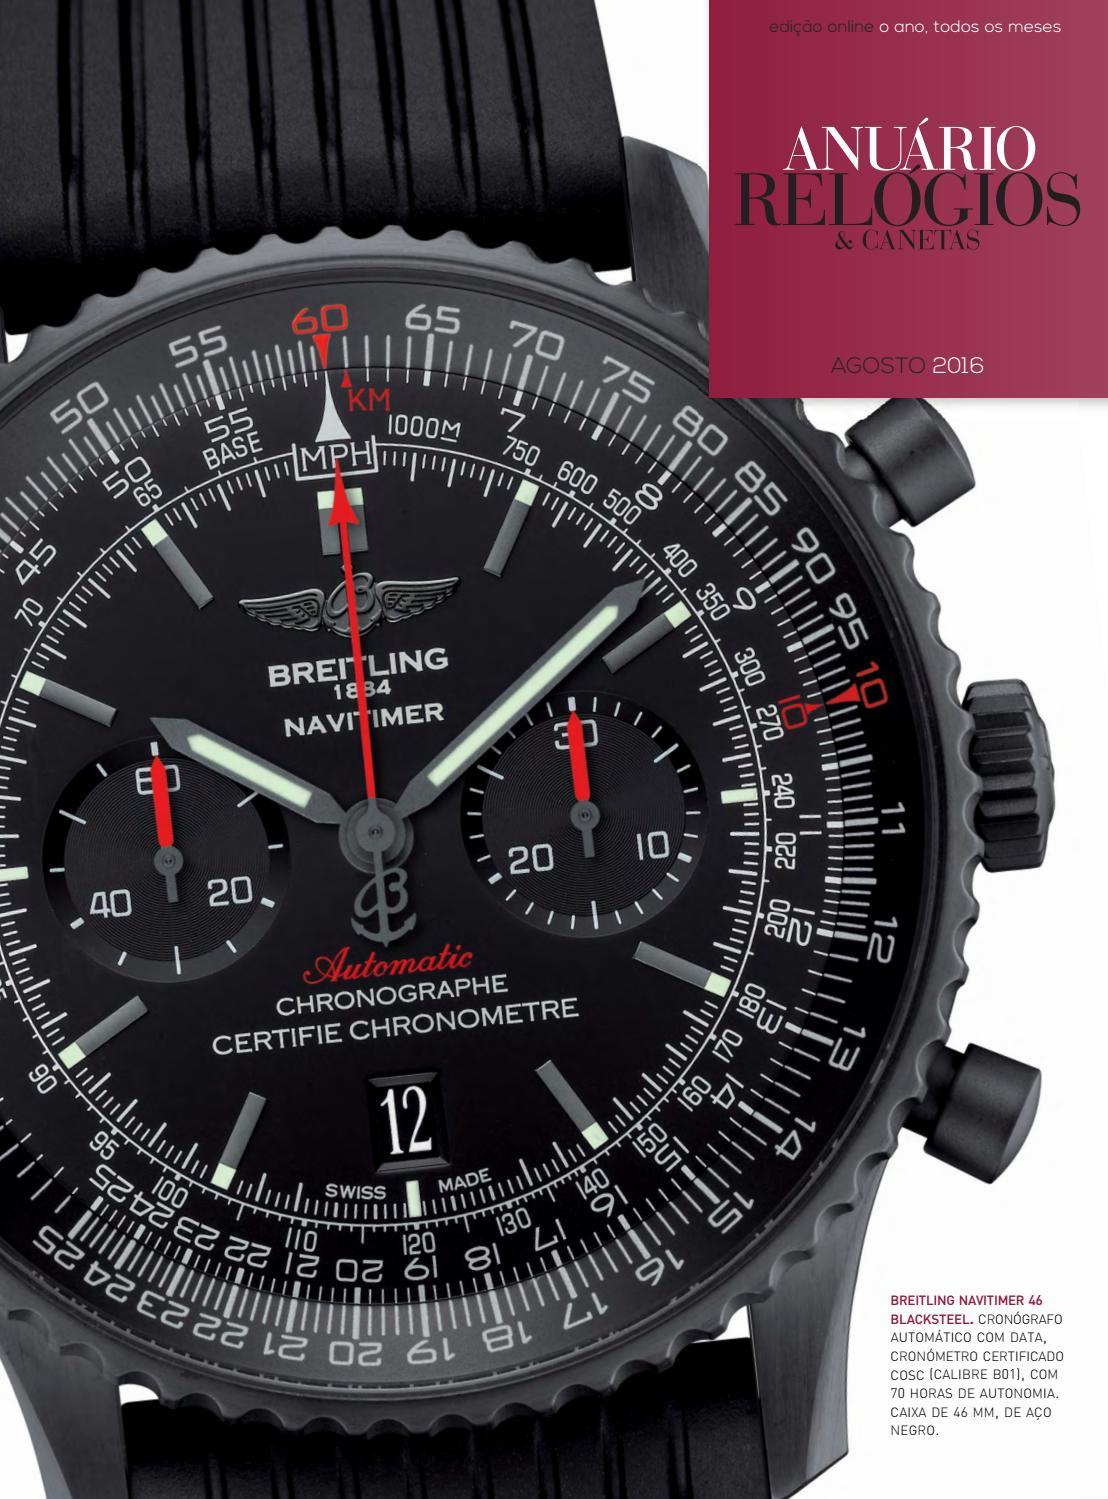 640e30ae447 Relógios   Canetas Online Agosto 2016 by Projectos Especiais - issuu